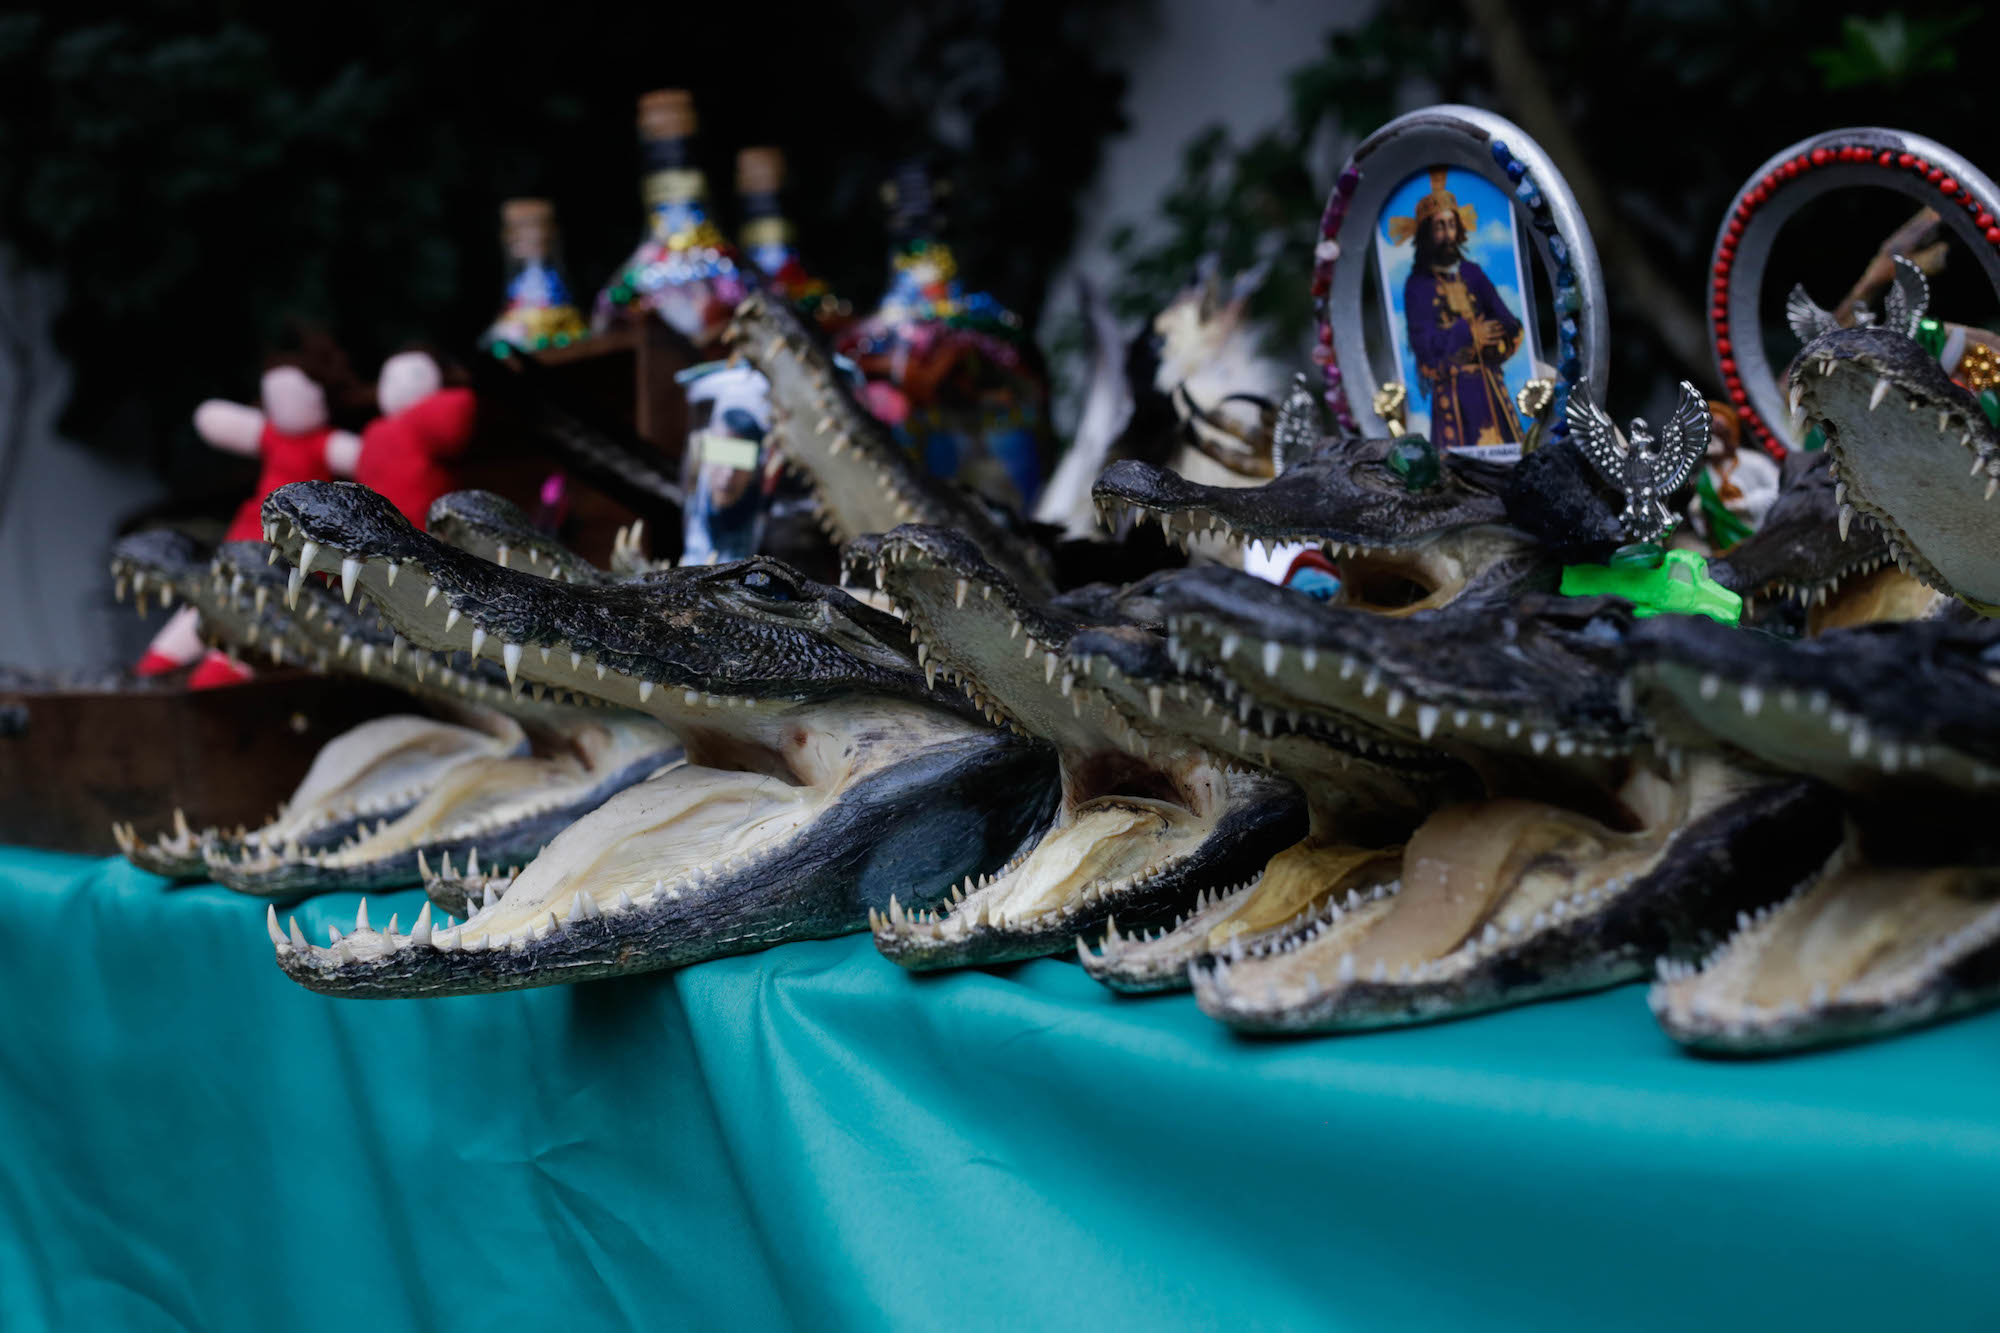 Cabezas de animales silvestre y artesanía hechas con partes de éstos fueron decomisados. Foto: Serfor.